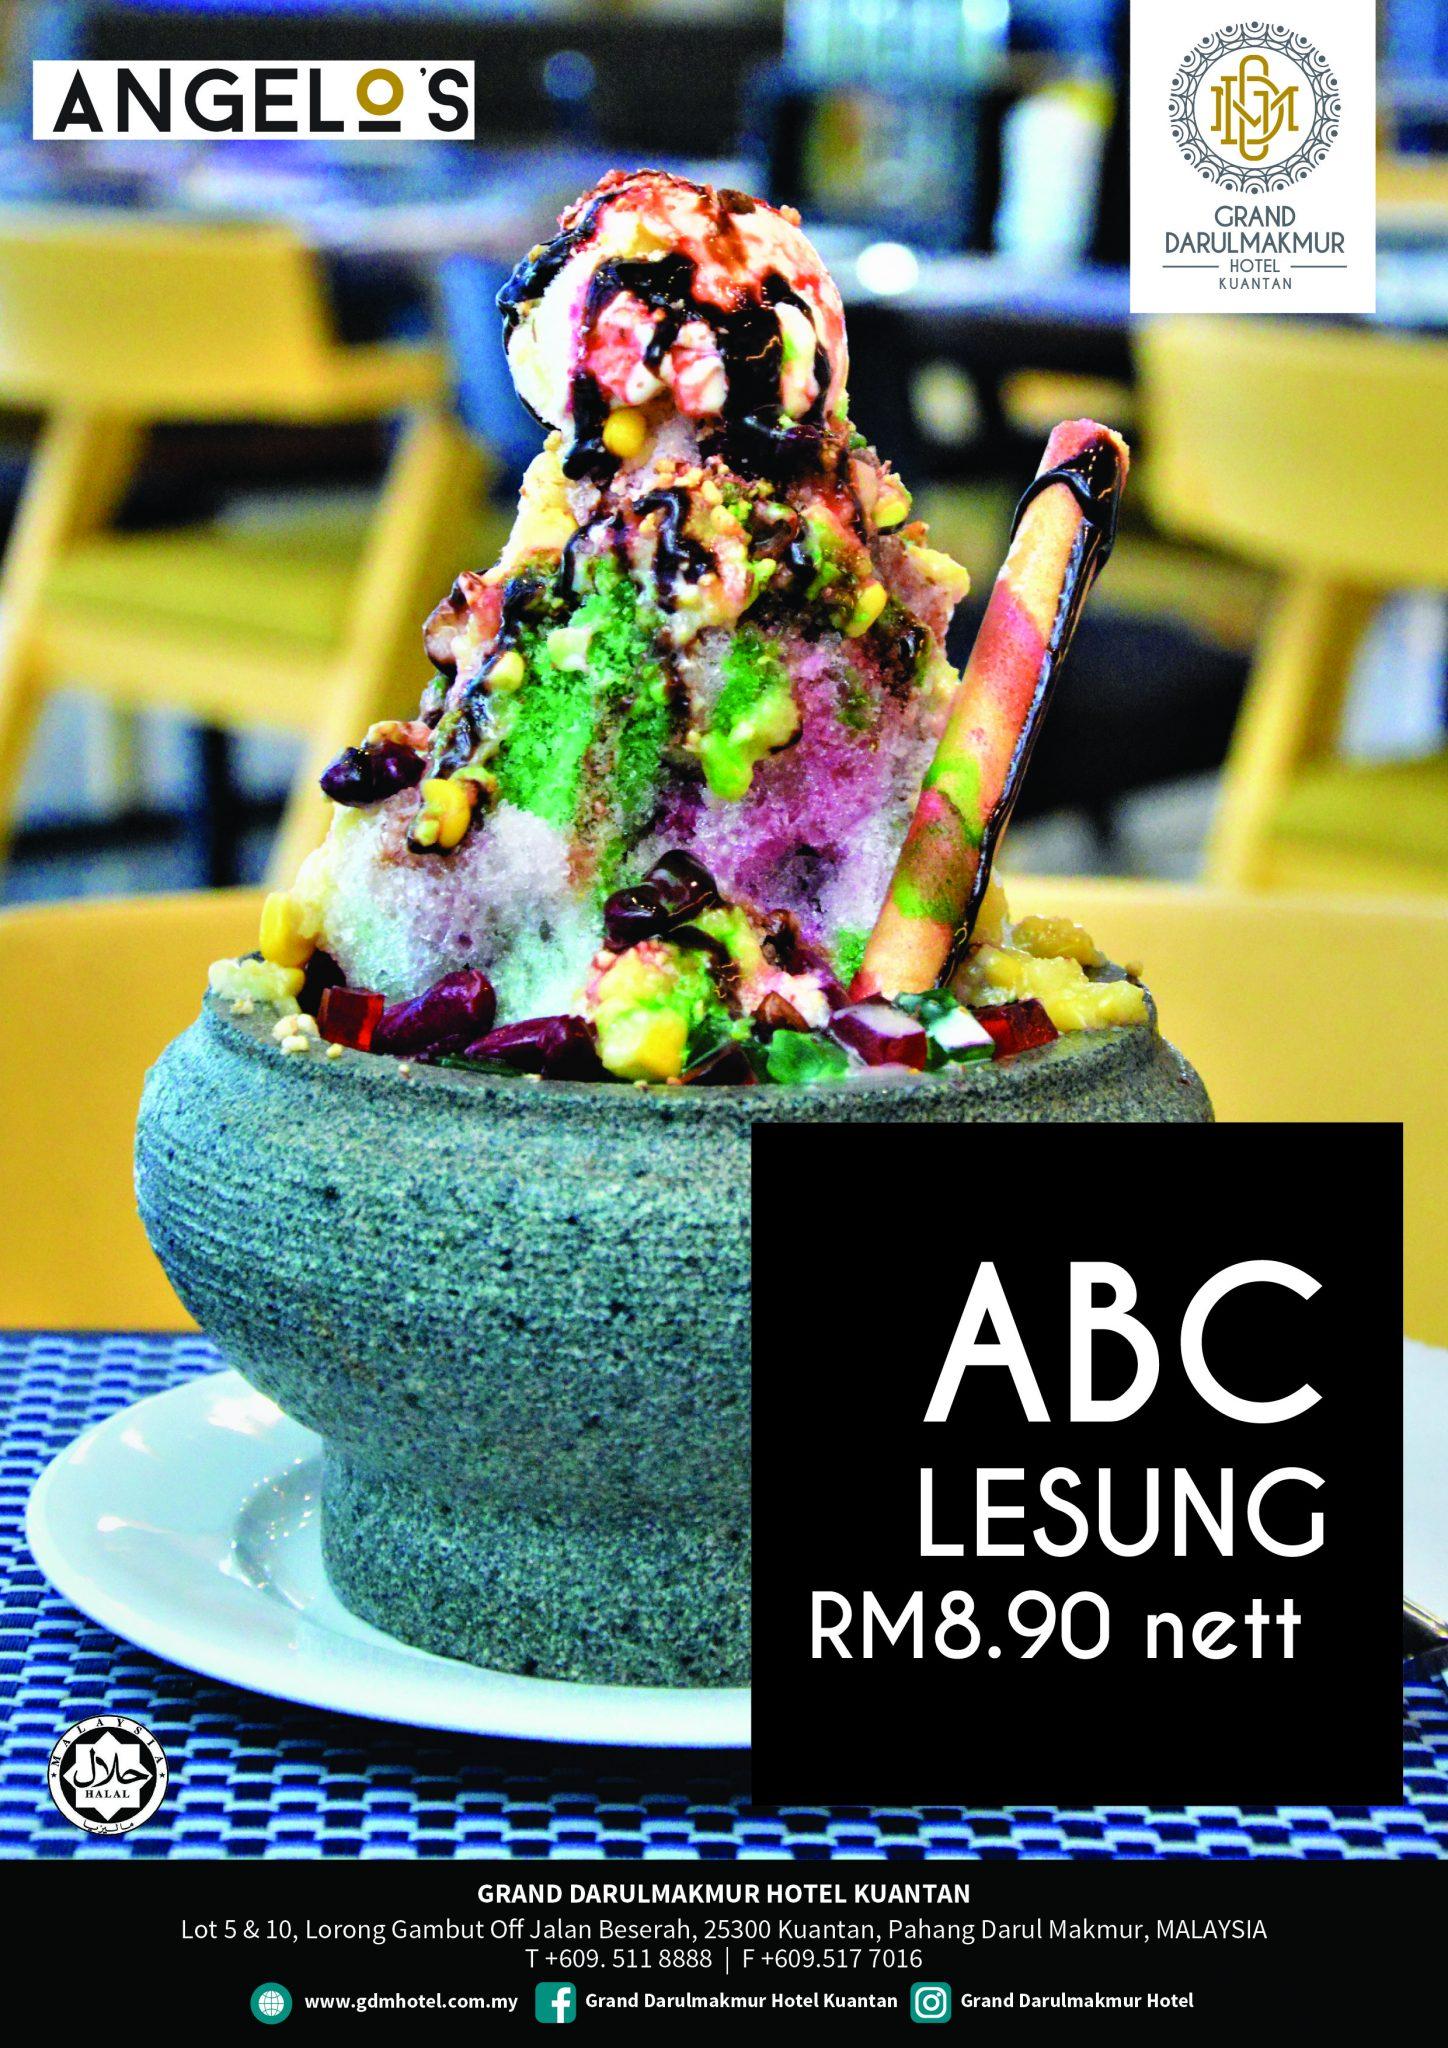 ABC Lesung